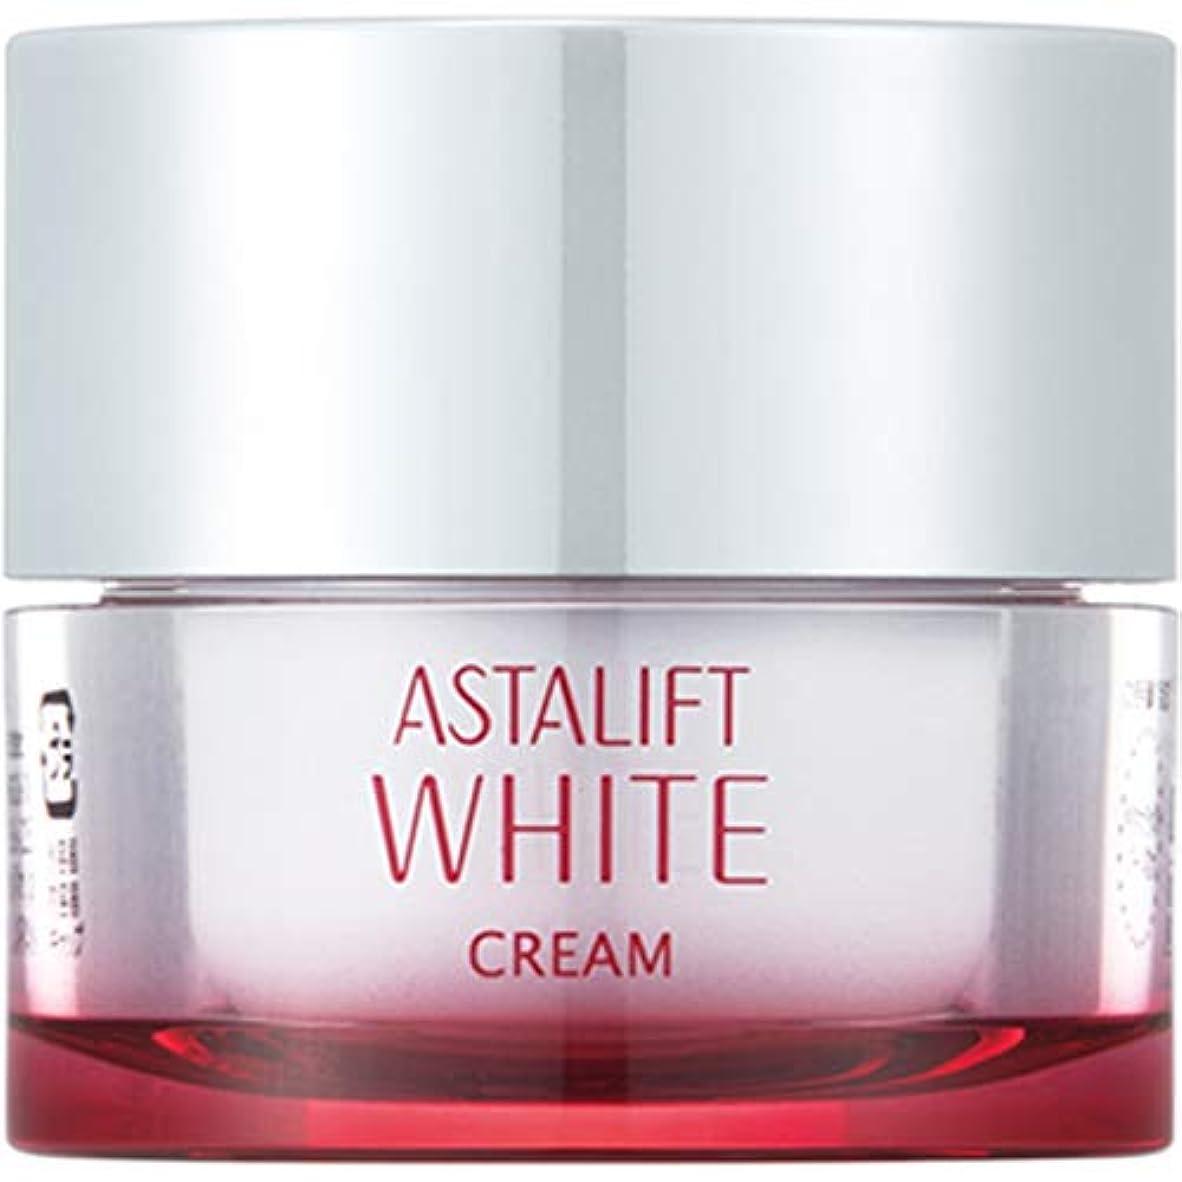 バレエ堂々たる件名ASTALIFT(アスタリフト) ホワイト クリーム(美白クリーム) 30g